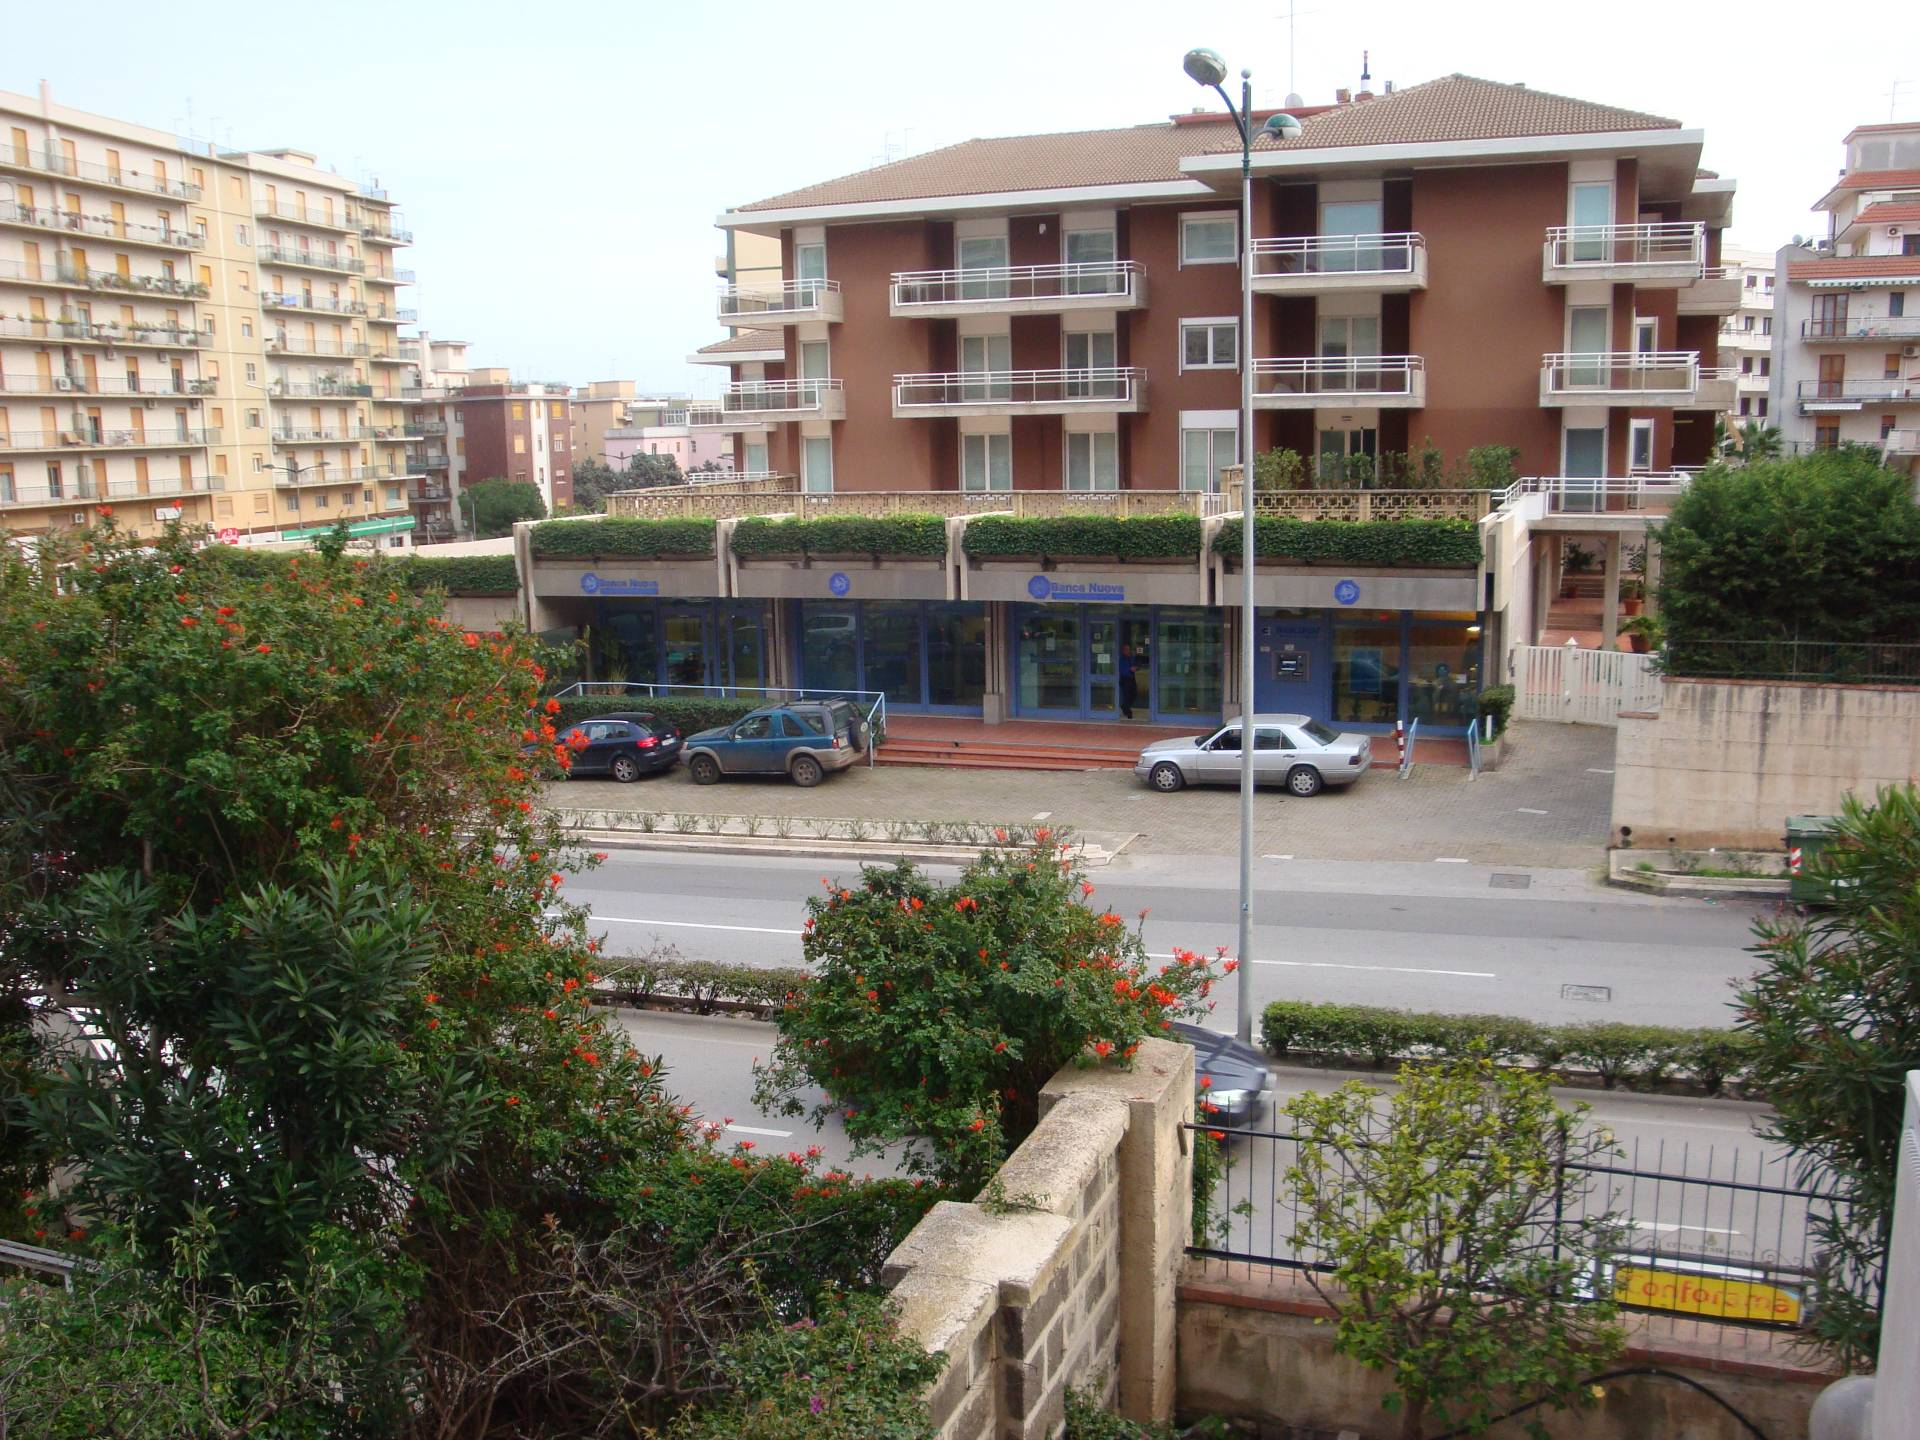 Appartamento in vendita a Siracusa, 4 locali, zona Località: Teracati, prezzo € 135.000 | CambioCasa.it